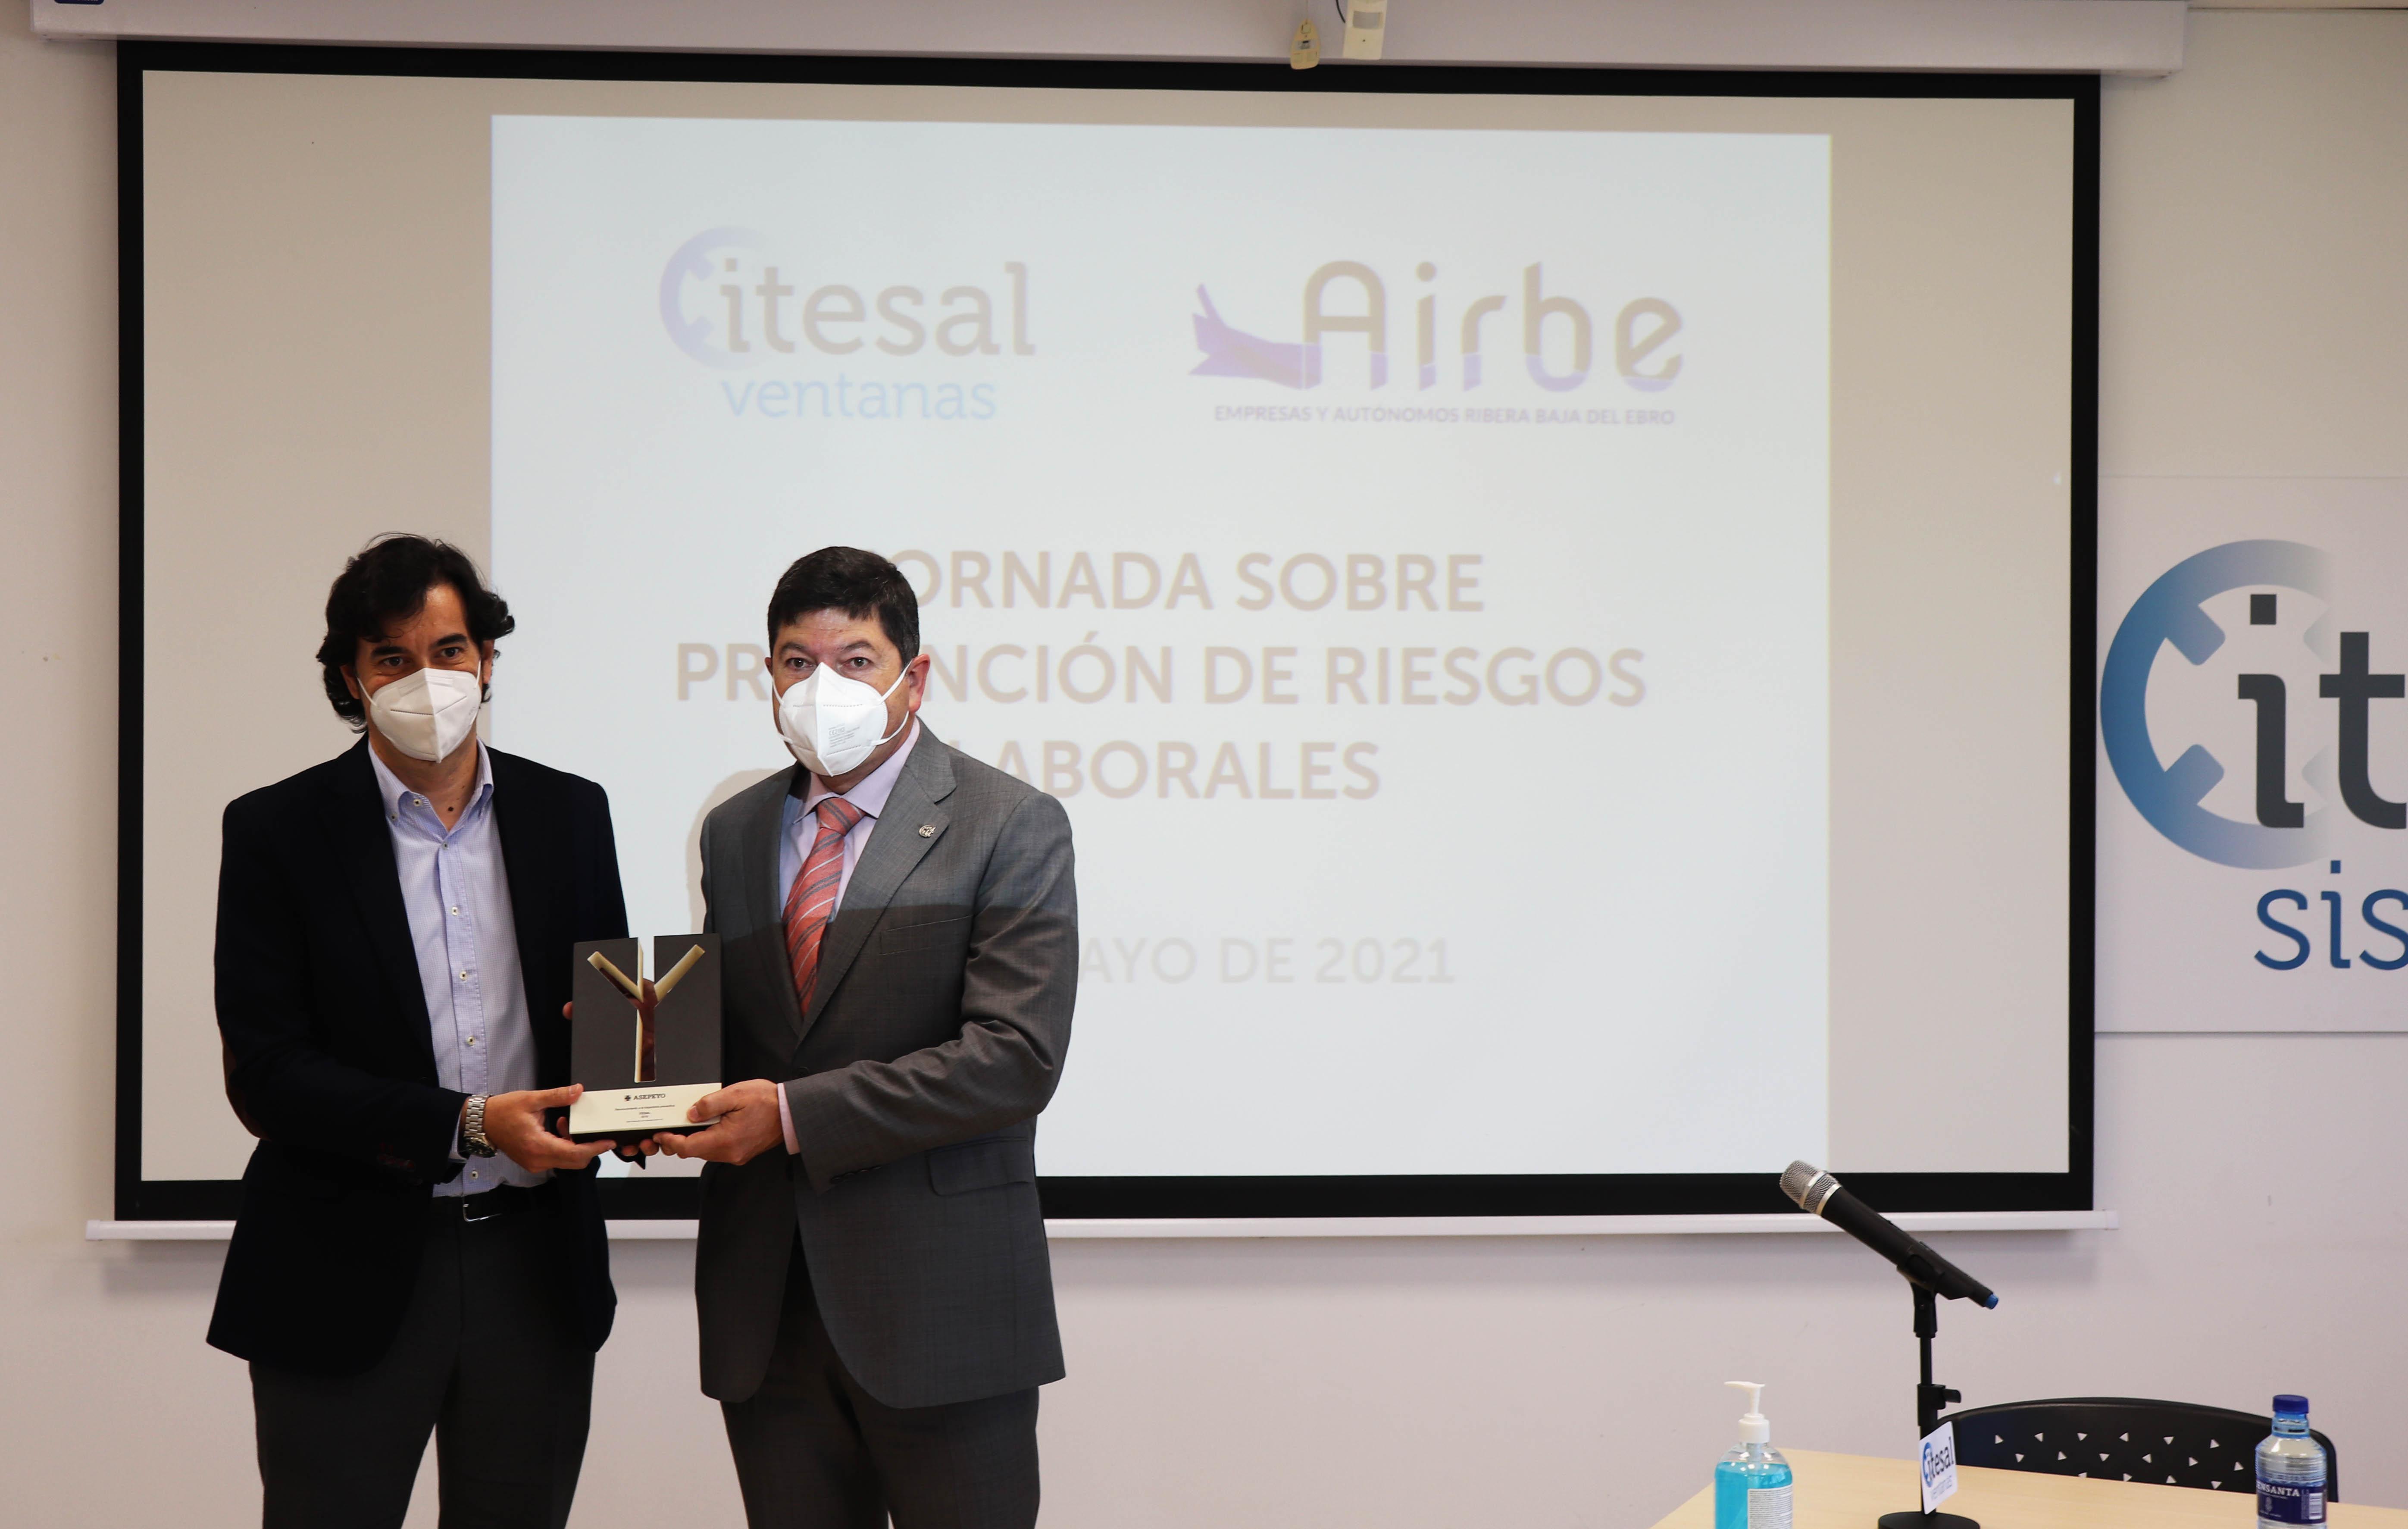 Galeria Itesal organiza una jornada de Prevención de Riesgos Laborales junto con AIRBE - 3